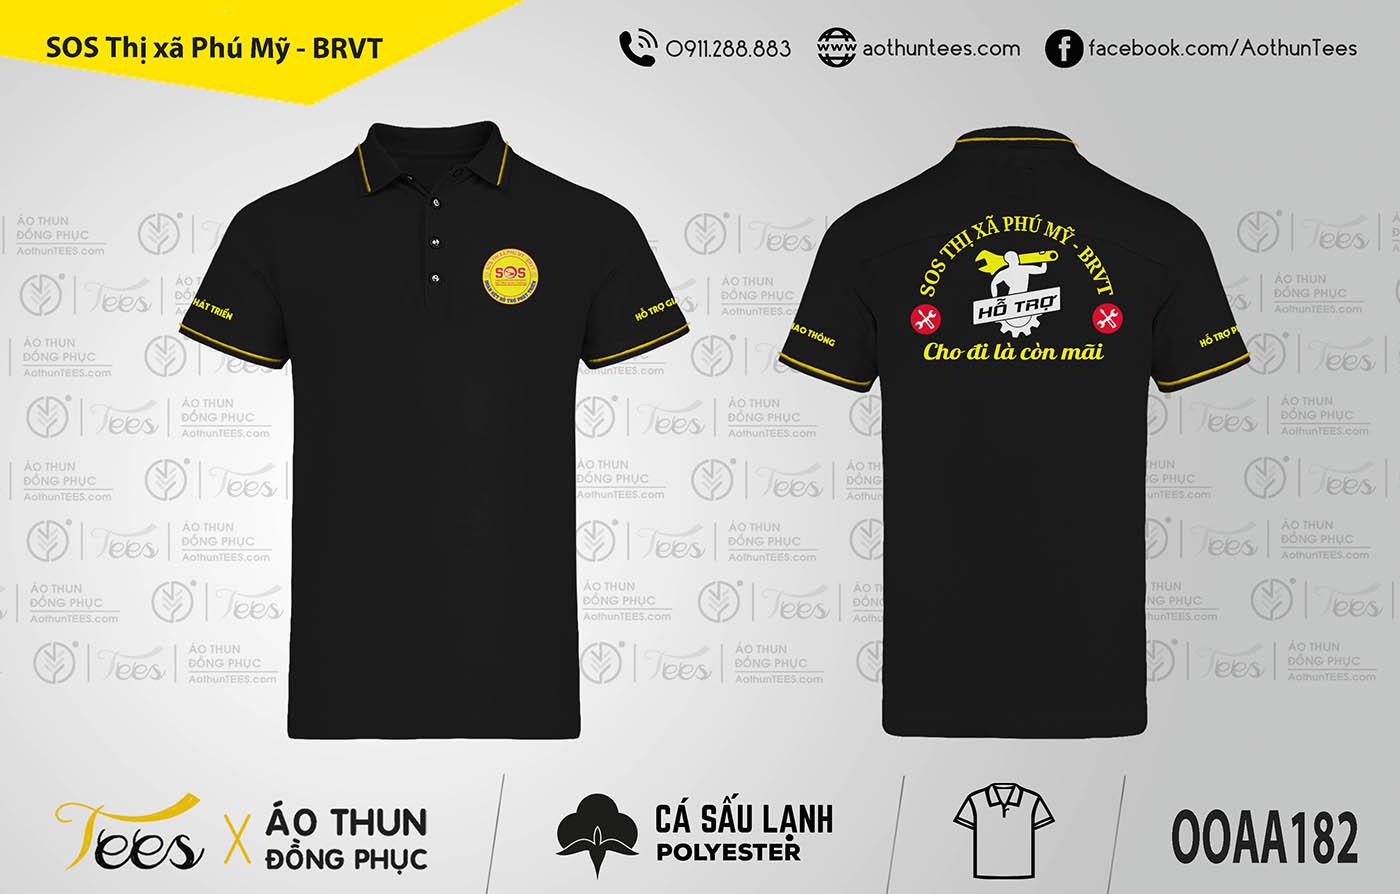 Áo thun đồng phục nhóm SOS Thị xã Phú Mỹ – Bà Rịa, Vũng Tàu